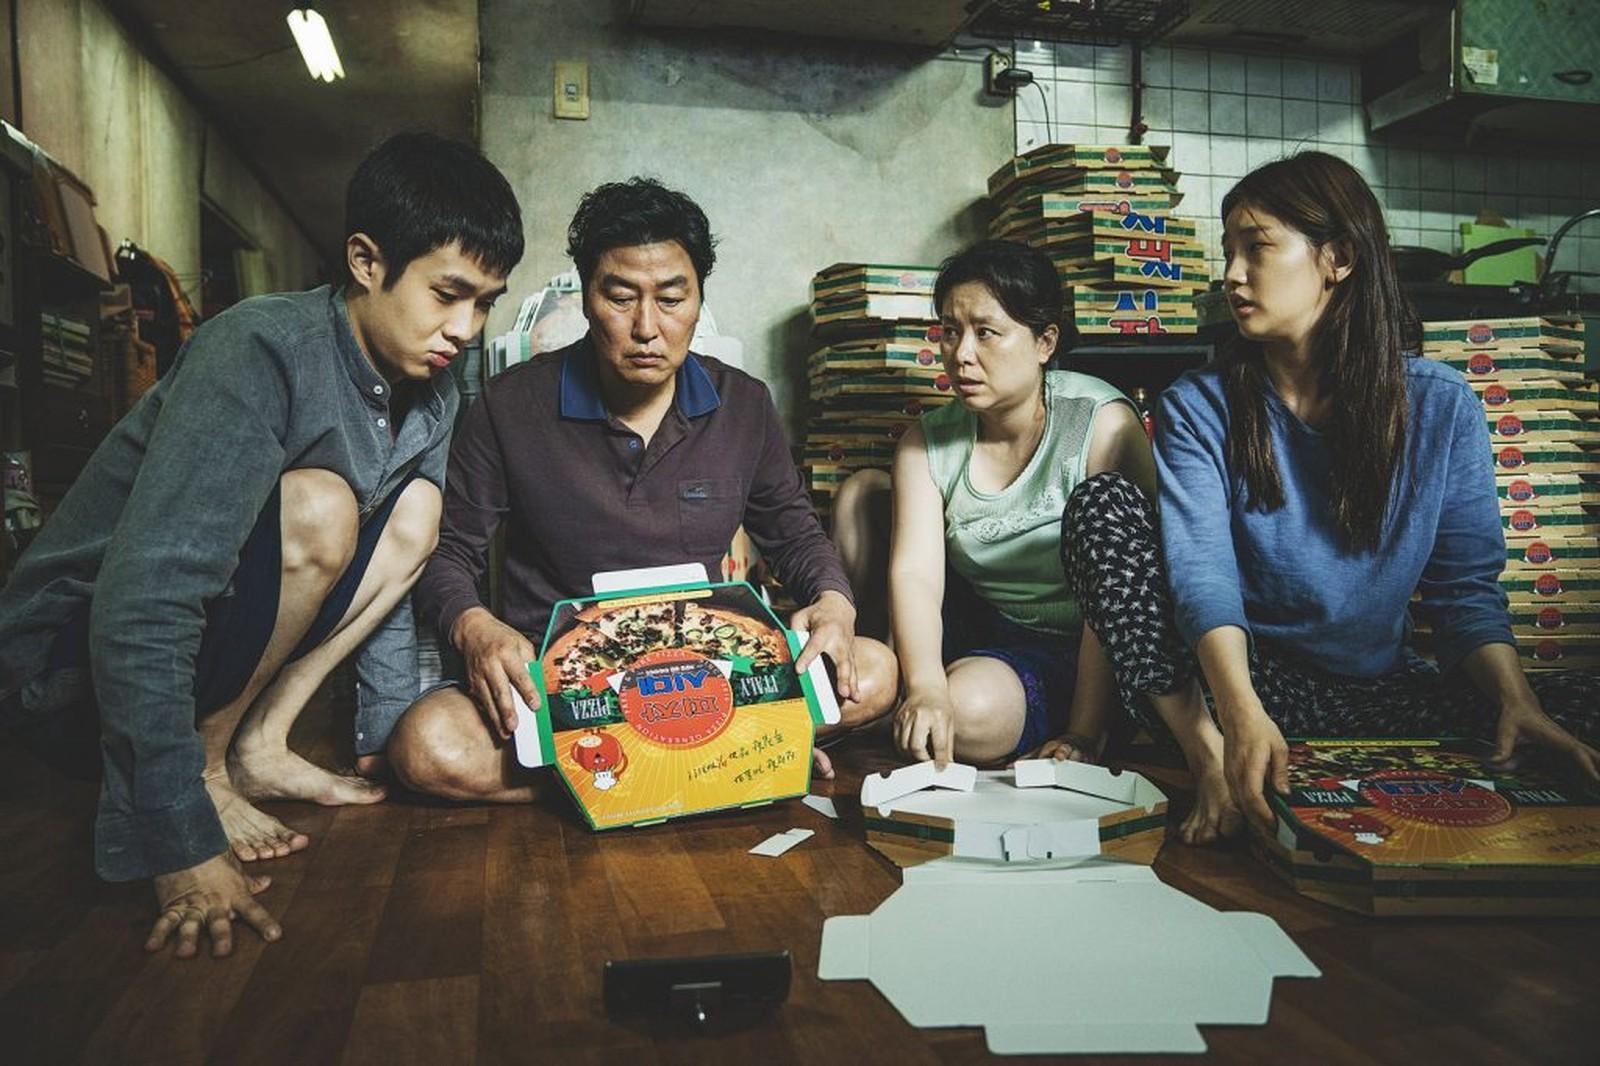 Personagens em uma cena de uma das indicações de filmes para o óscar segurando jogo no chão de um cômodo.